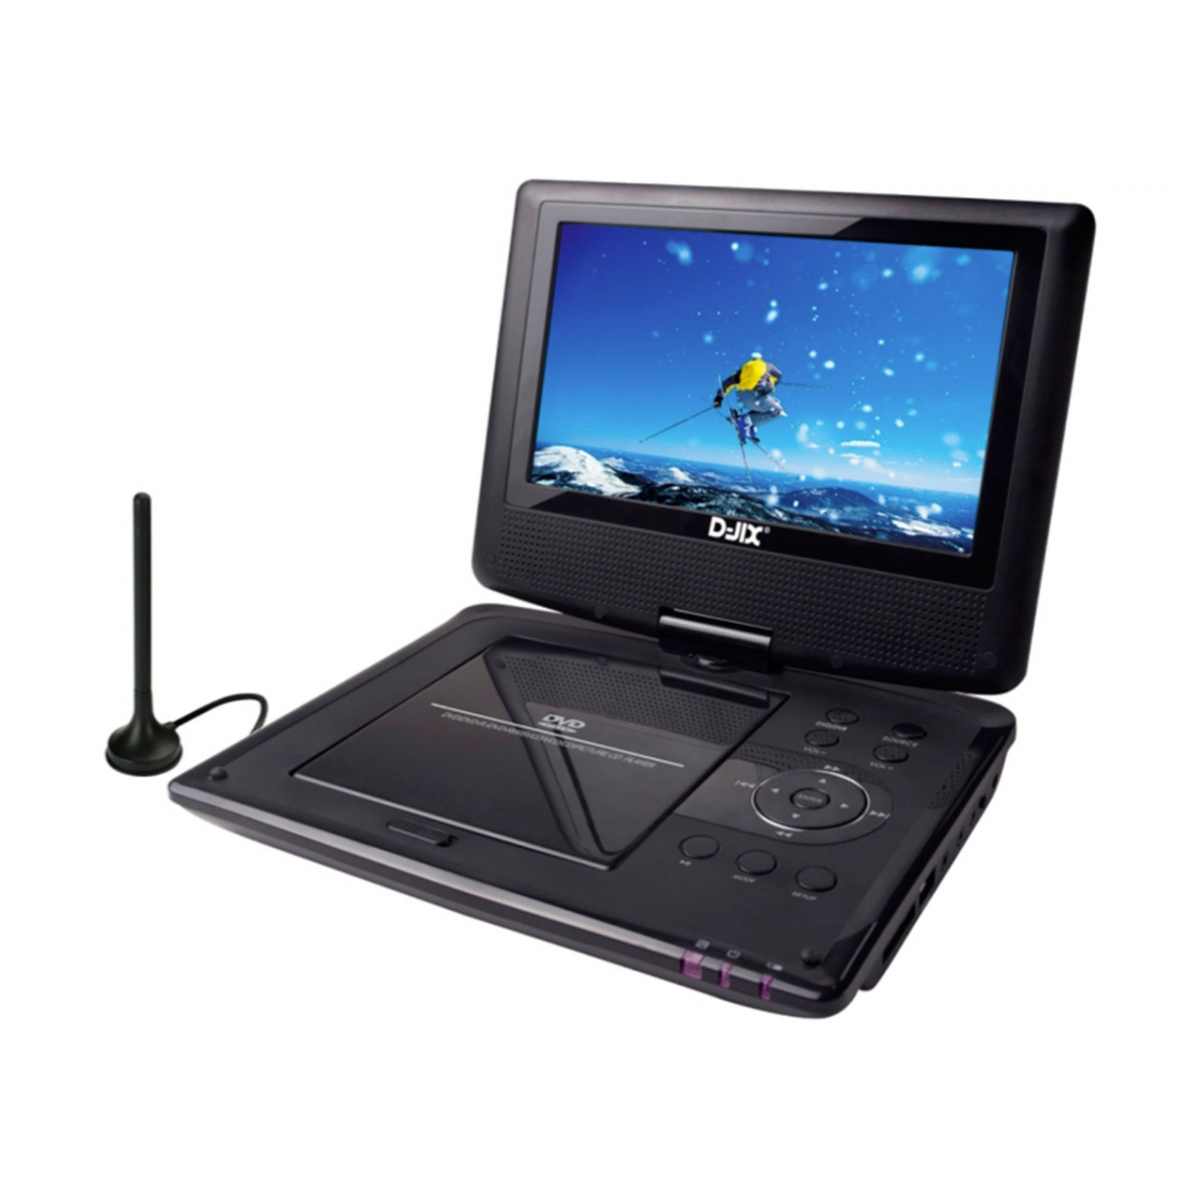 lecteur dvd portable 9 39 39 rotatif tnt produits lecteur dvd portable d. Black Bedroom Furniture Sets. Home Design Ideas